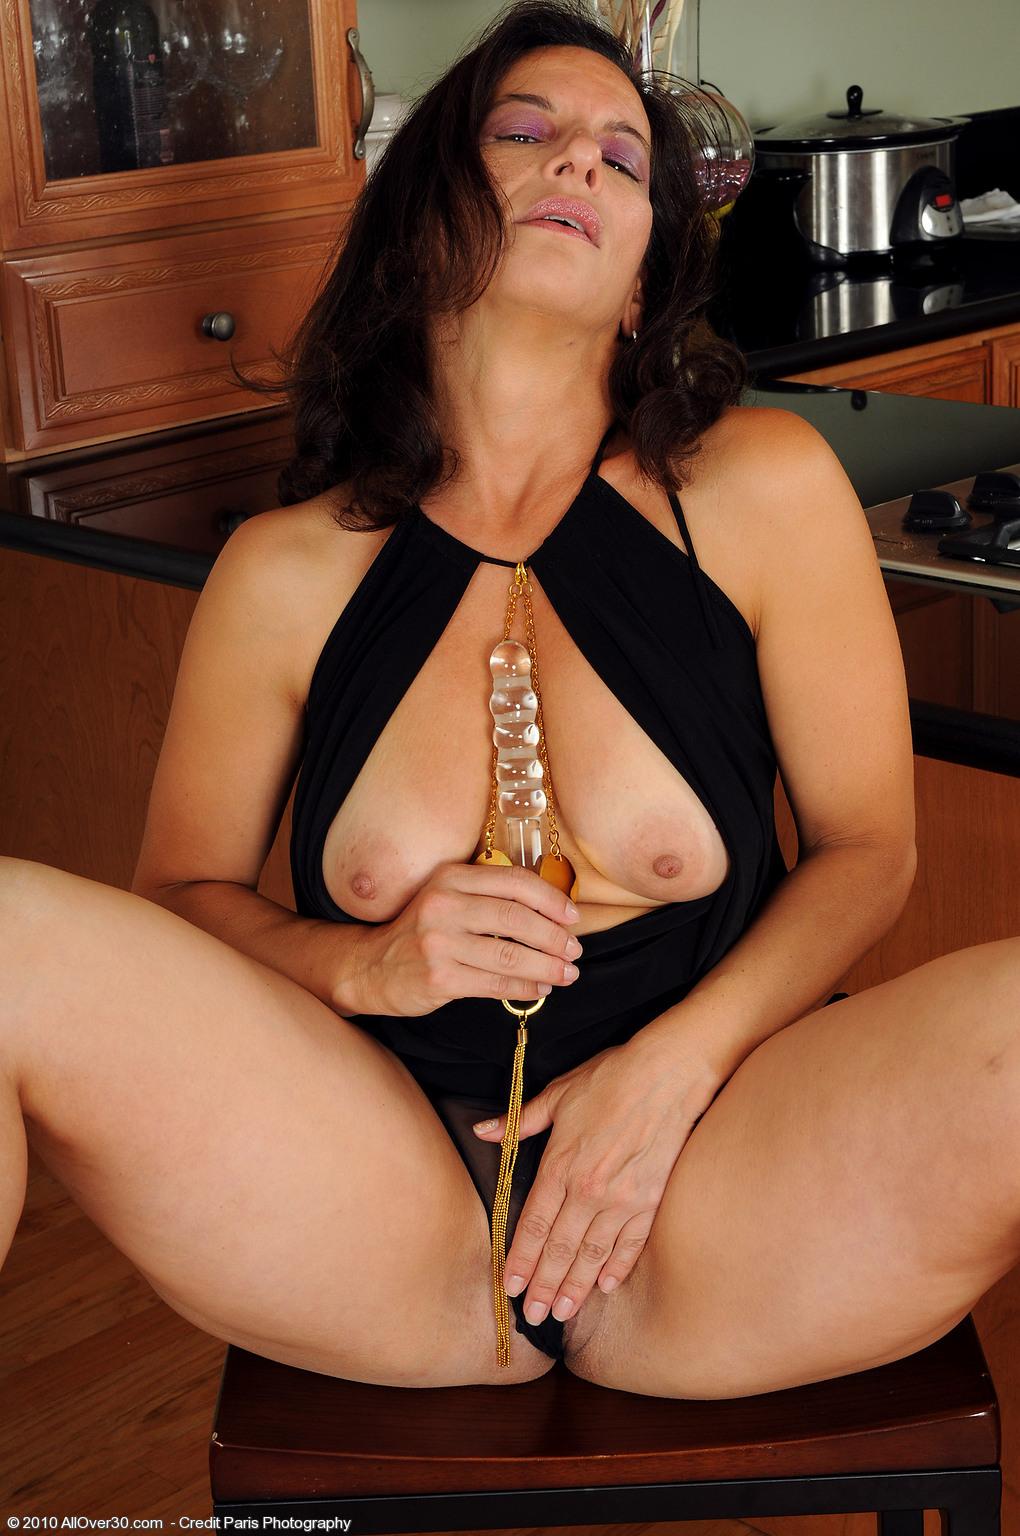 Самыи дорогие проститутки 19 фотография